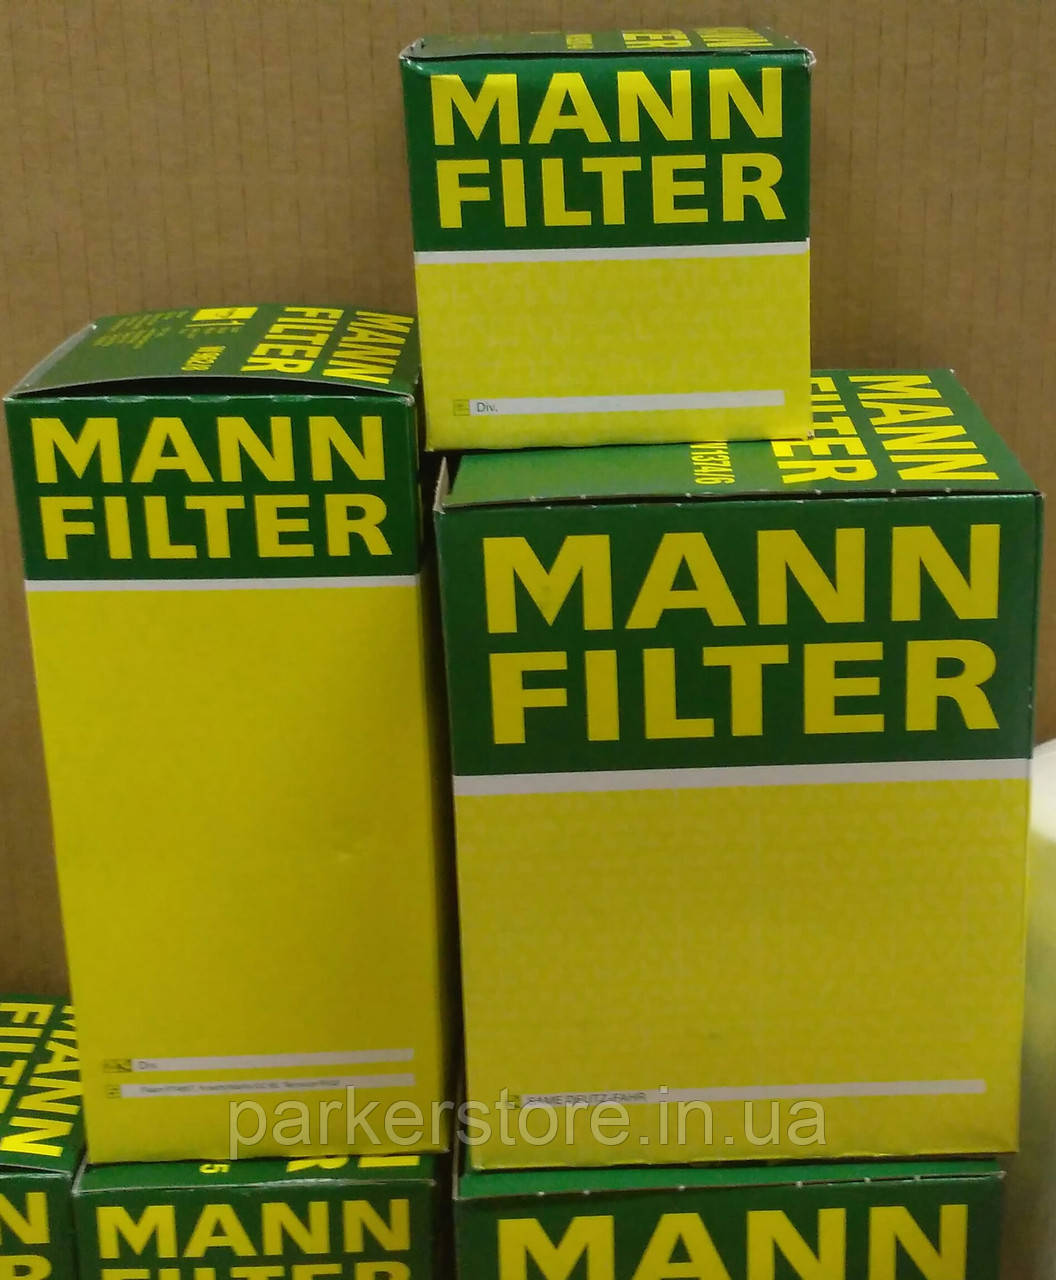 MANN FILTER / Воздушный фильтр / C 31 122 / C31122